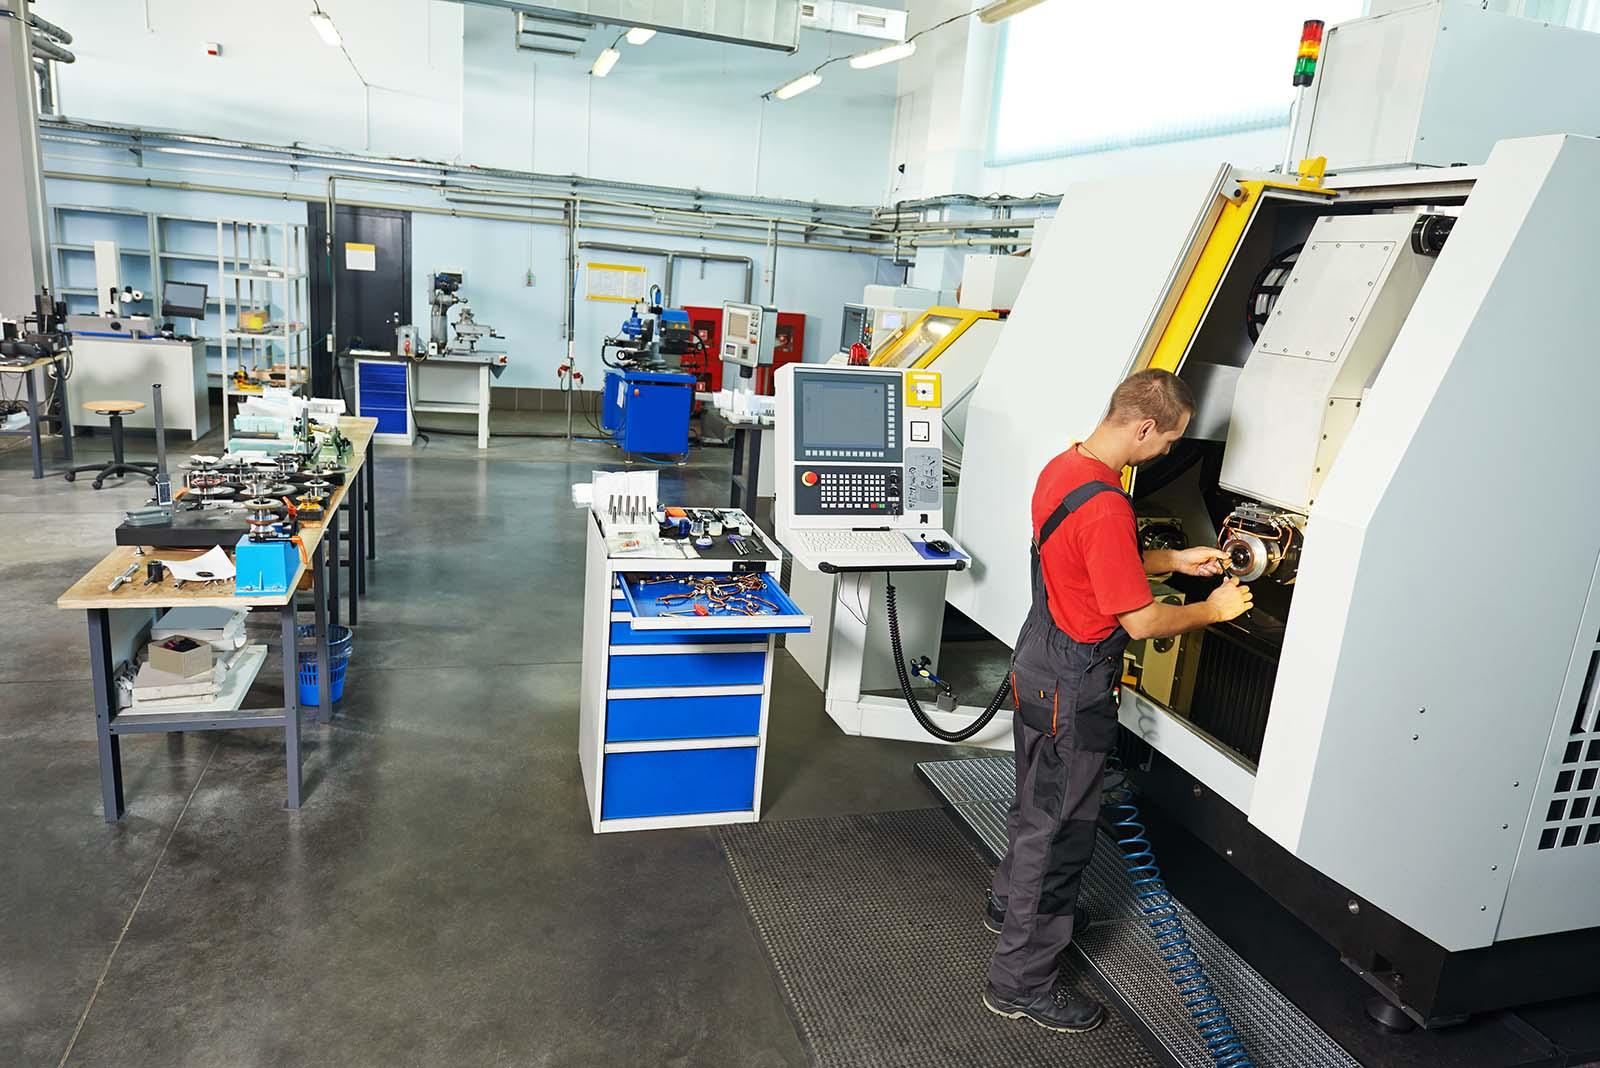 Kompleksowe usługi w zakresie naprawy, konserwacji i modernizacji obrabiarek